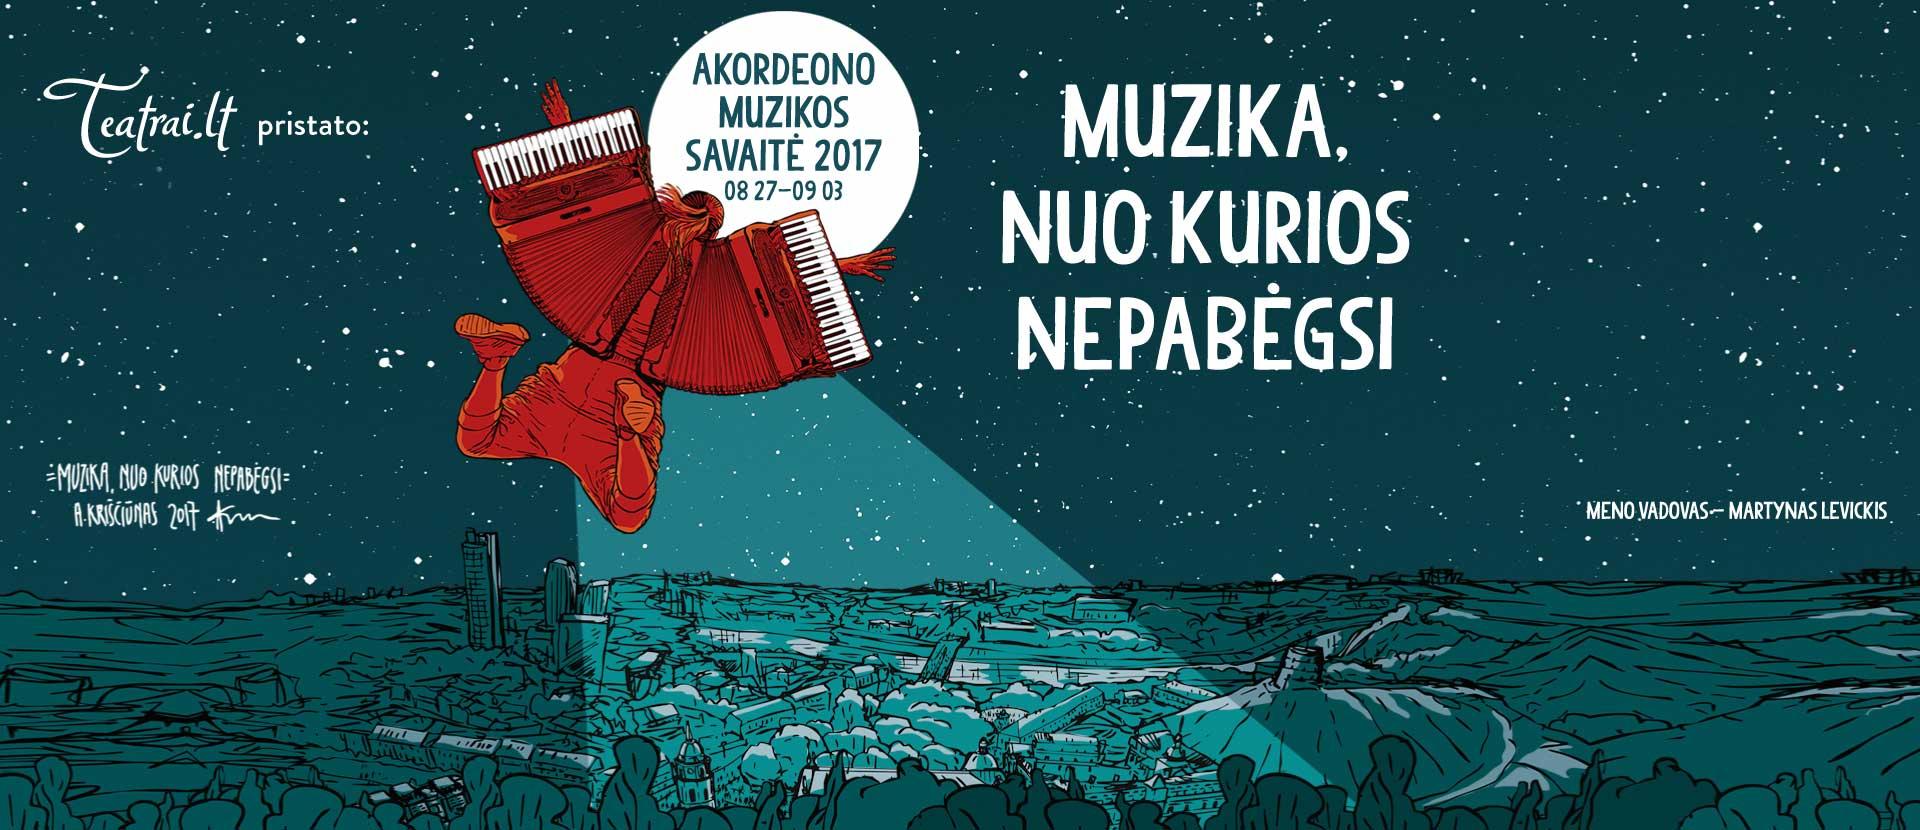 Akordeono muzikos savaitė 2017 koncertai